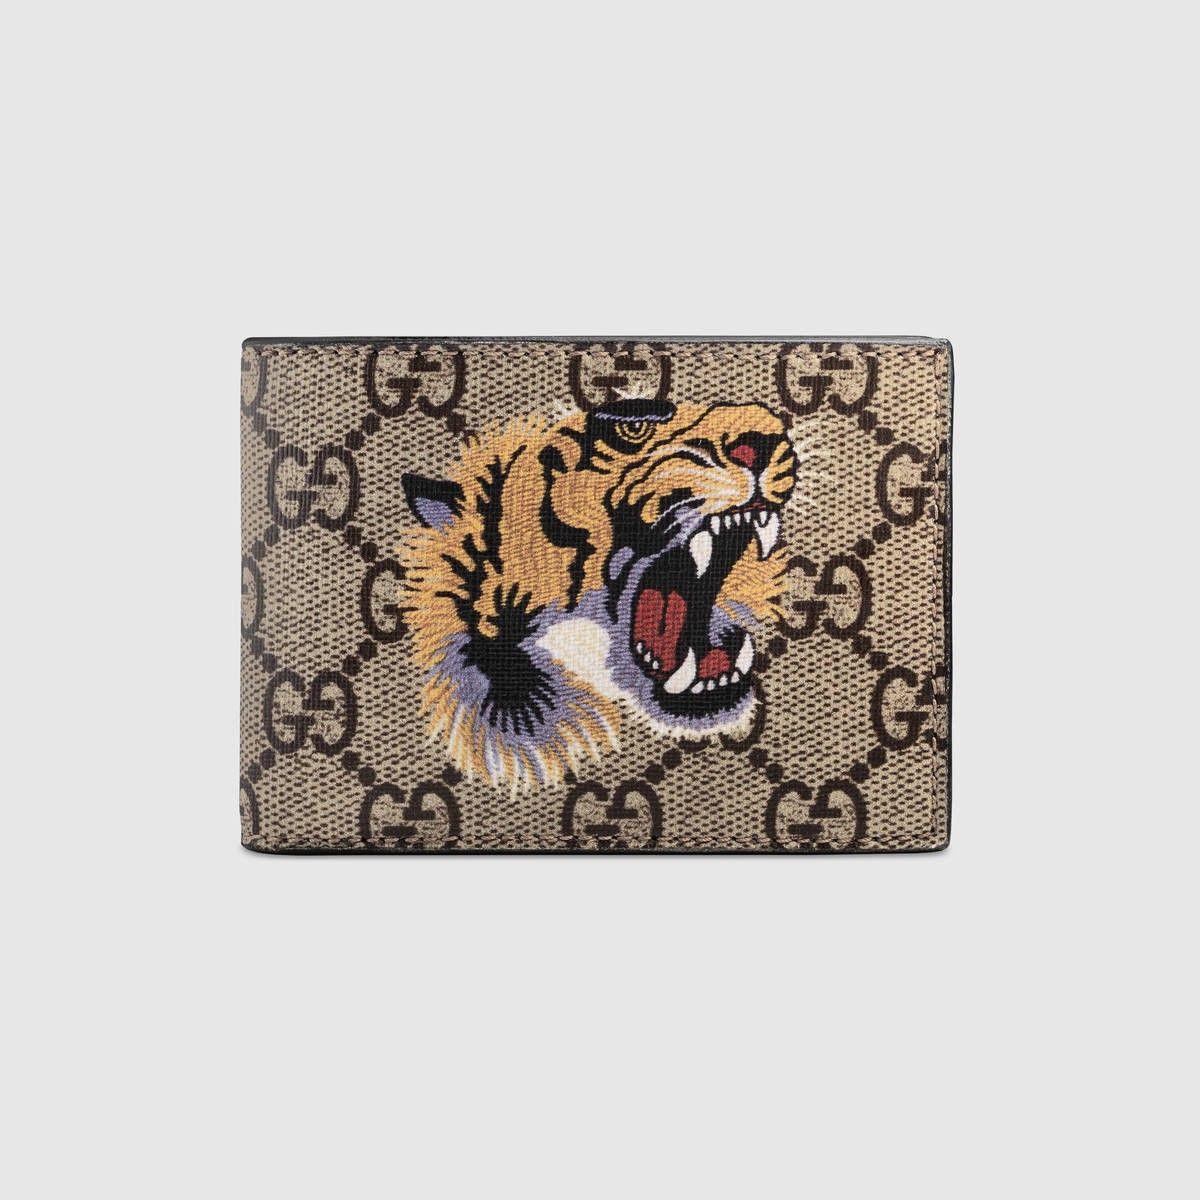 1e5c81f8f44 GUCCI Tiger print GG Supreme wallet - GG Supreme.  gucci